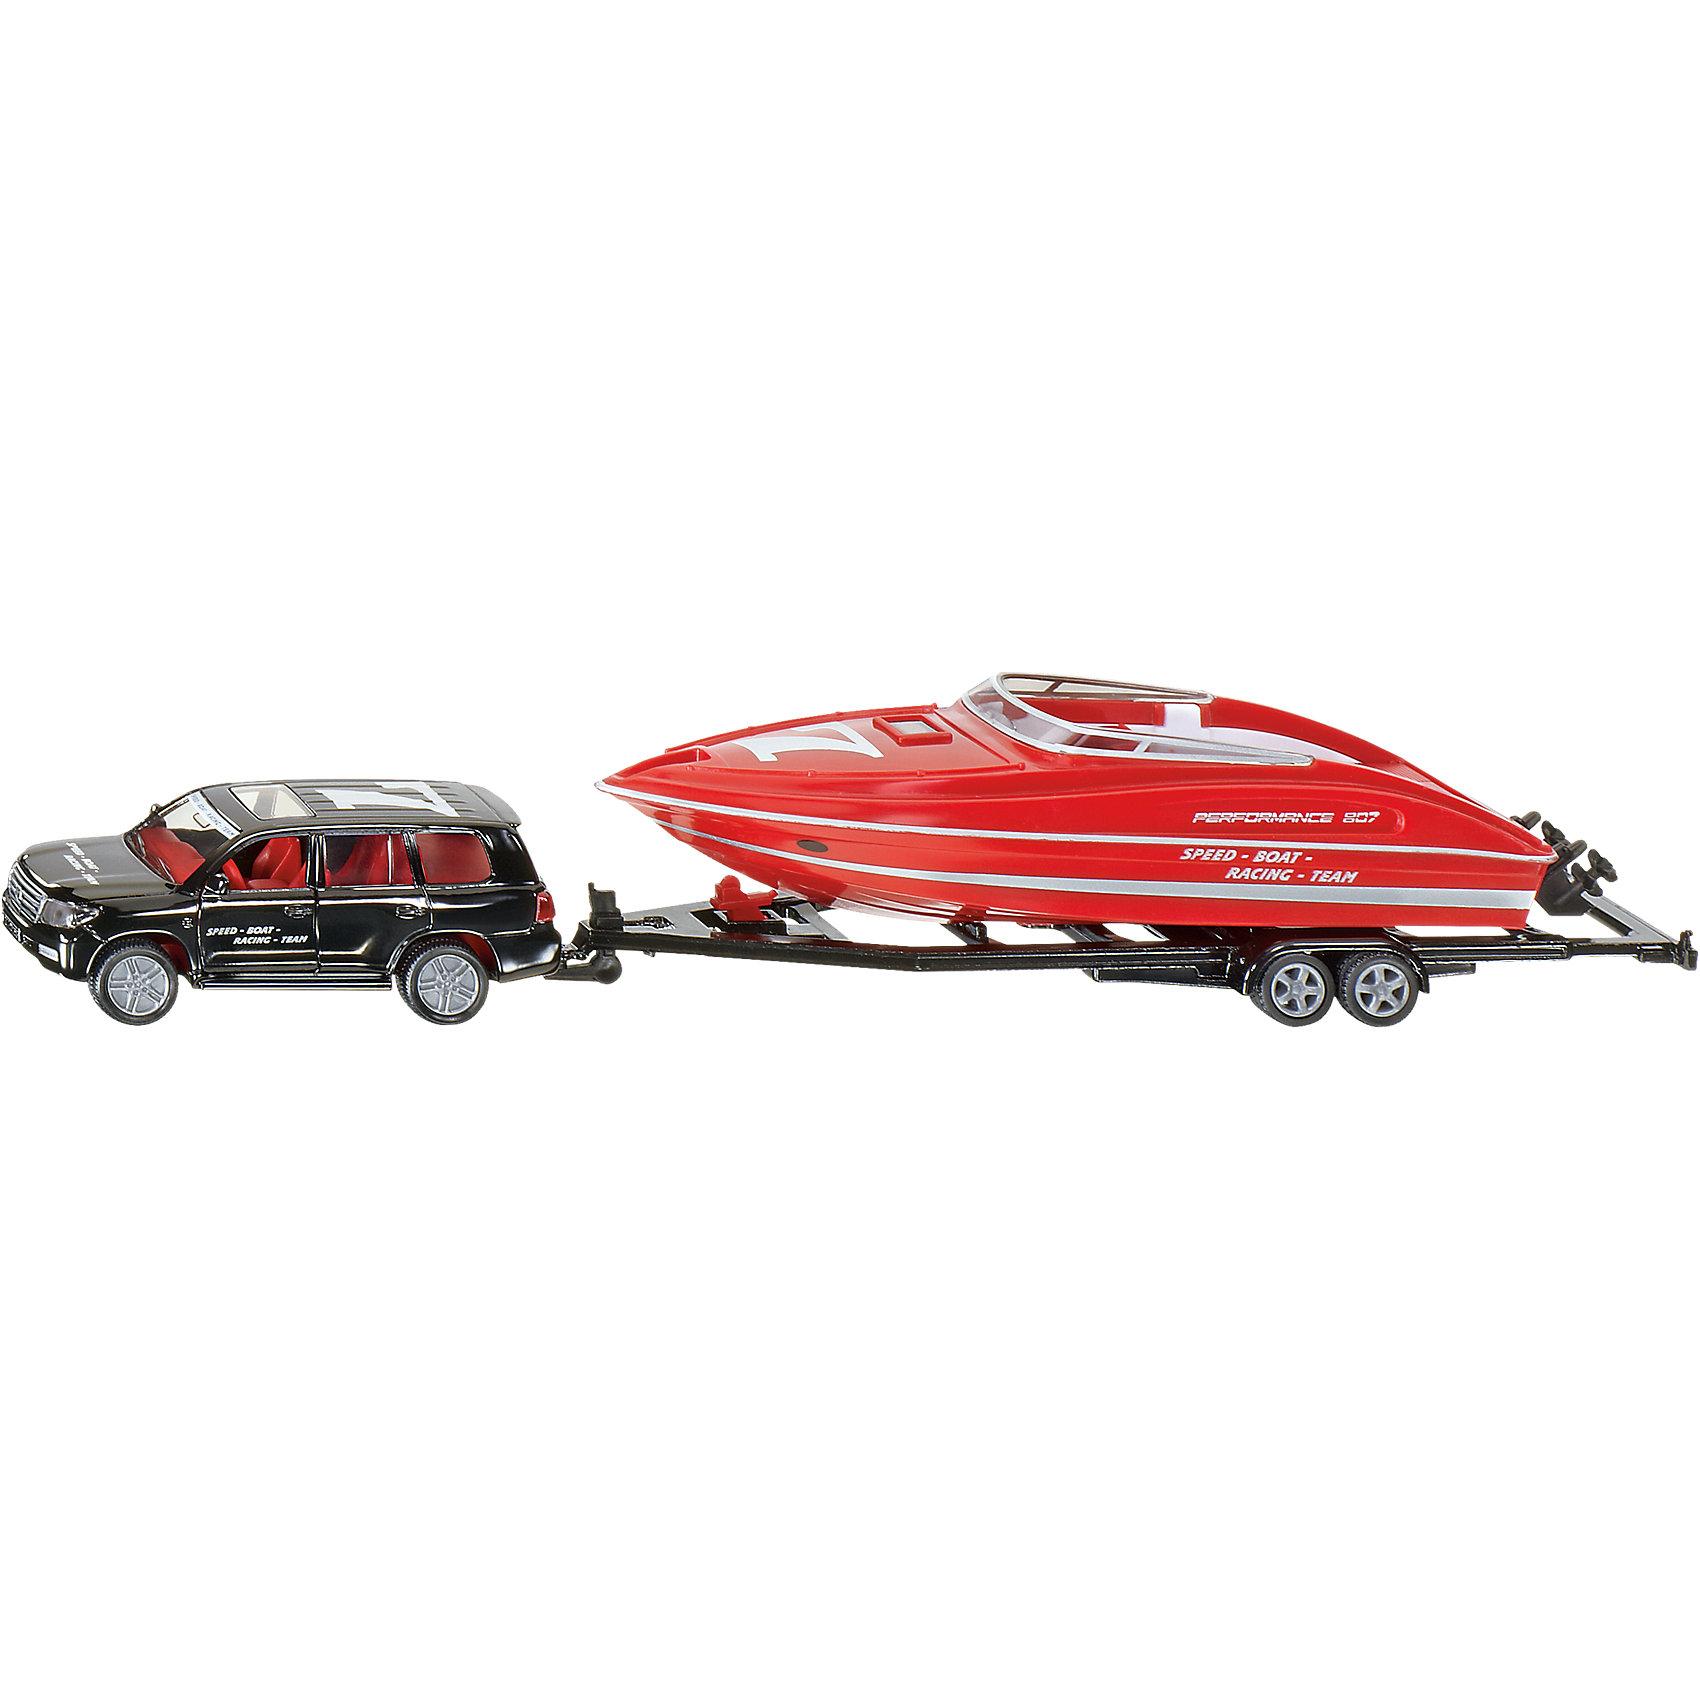 SIKU SIKU 2543 Машина с катером машинки siku автомобиль и прицеп с лодкой на воздушной подушке